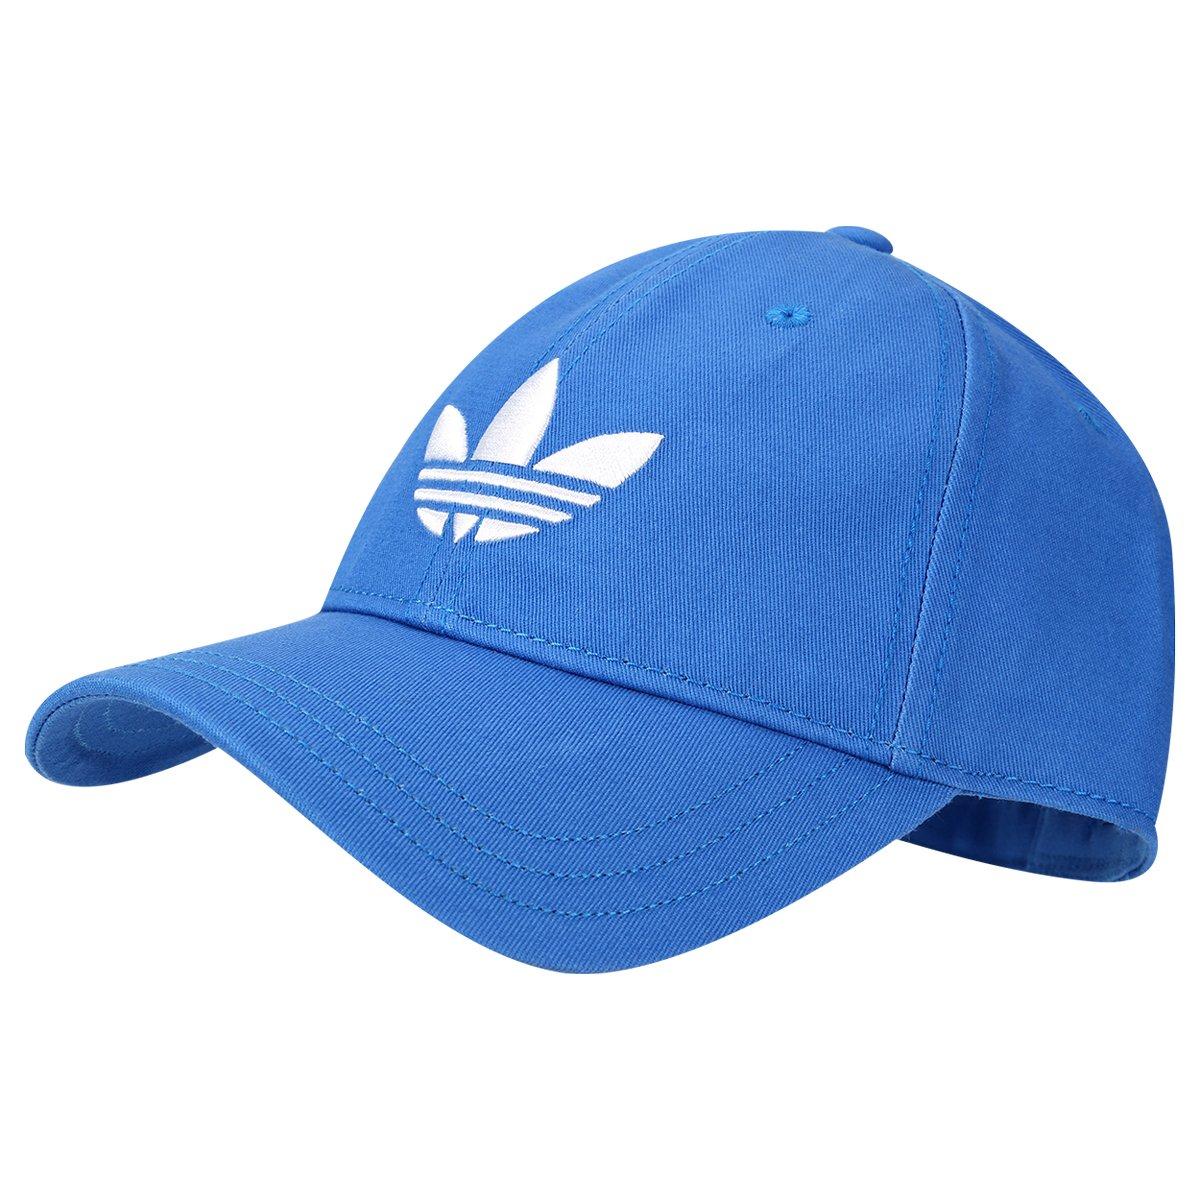 Boné Adidas Originals Trefoil - Compre Agora  93dd715b5a1